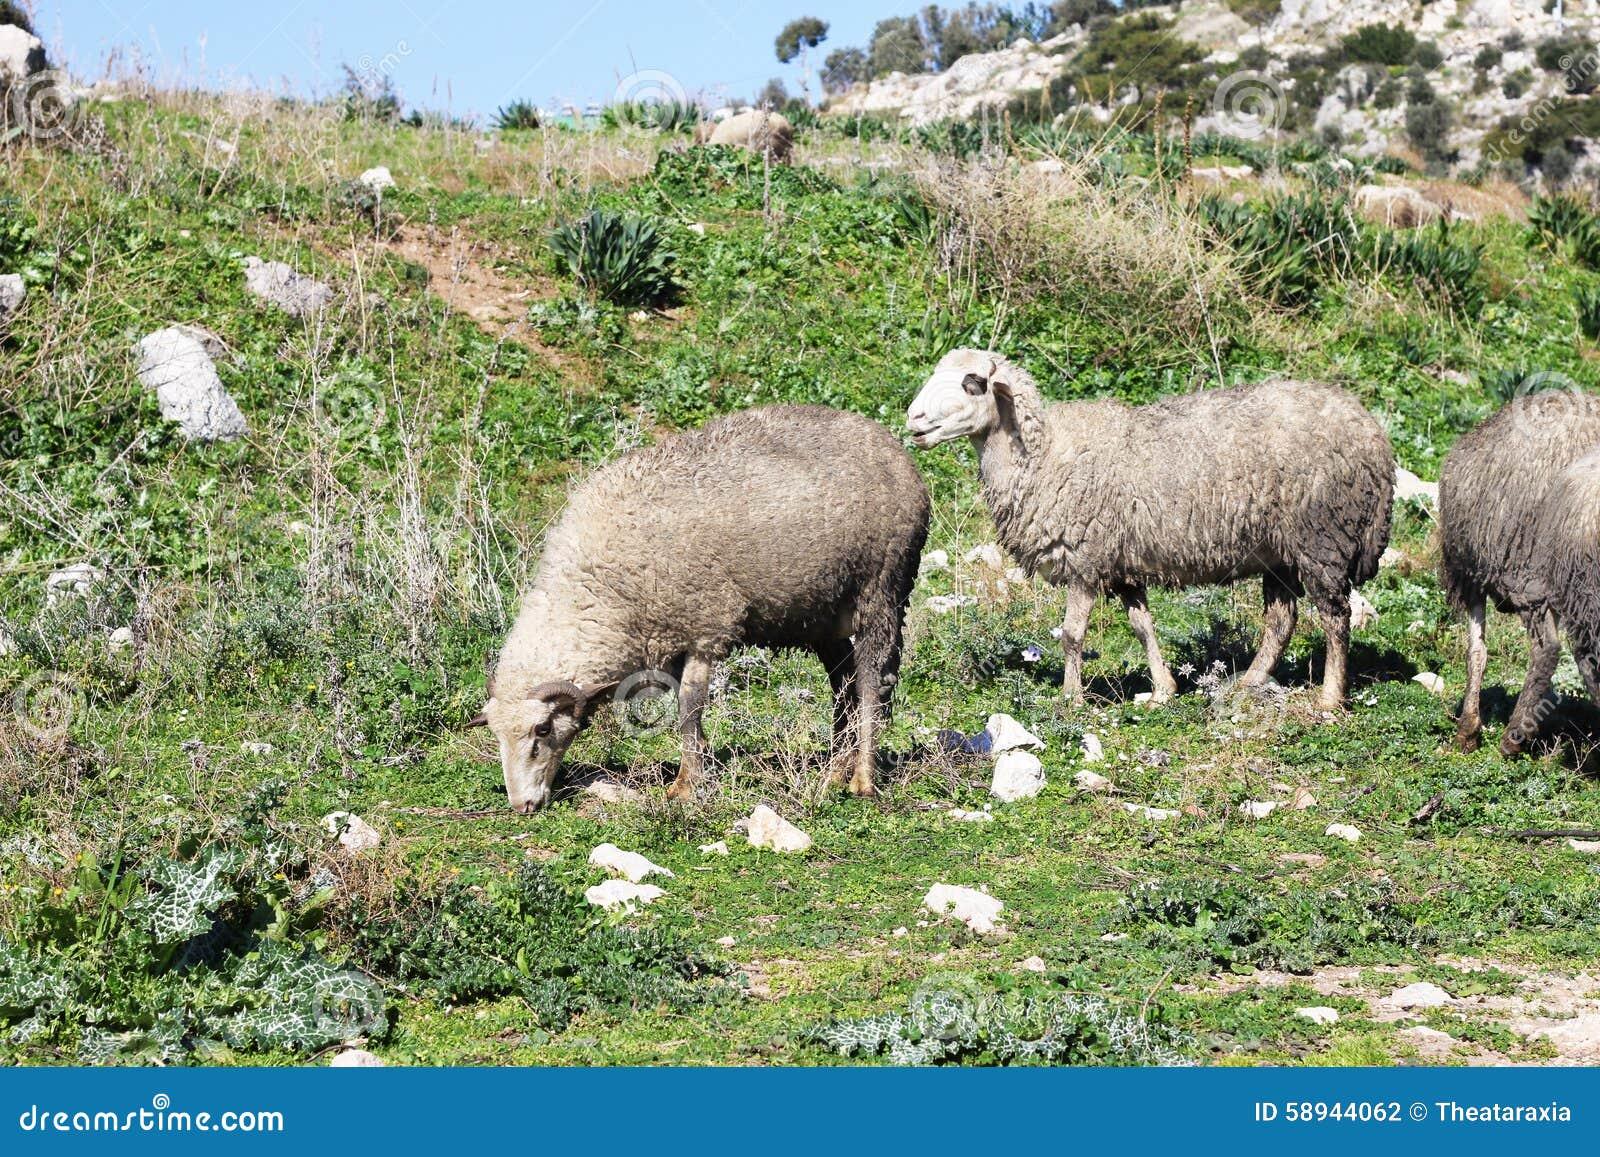 Herd Of White Sheep Stock Photo - Image: 58944062